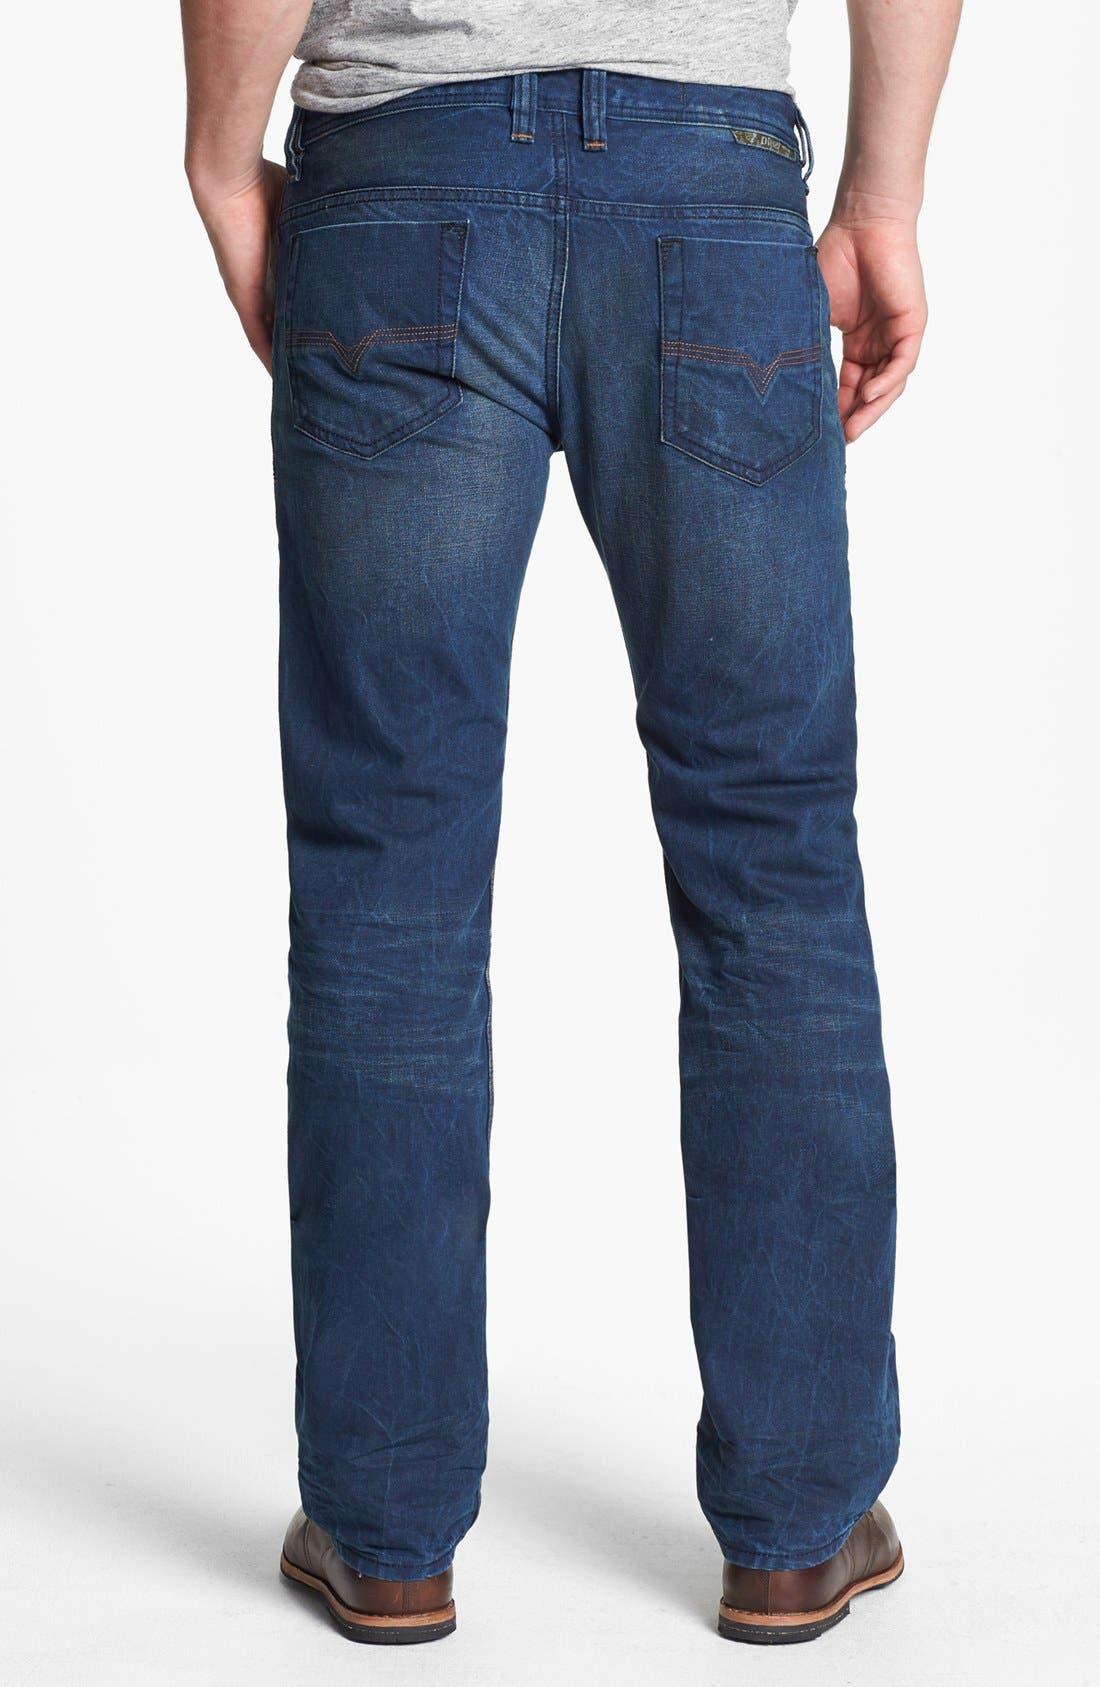 Alternate Image 1 Selected - DIESEL® 'Safado' Slim Fit Jeans (0815A)